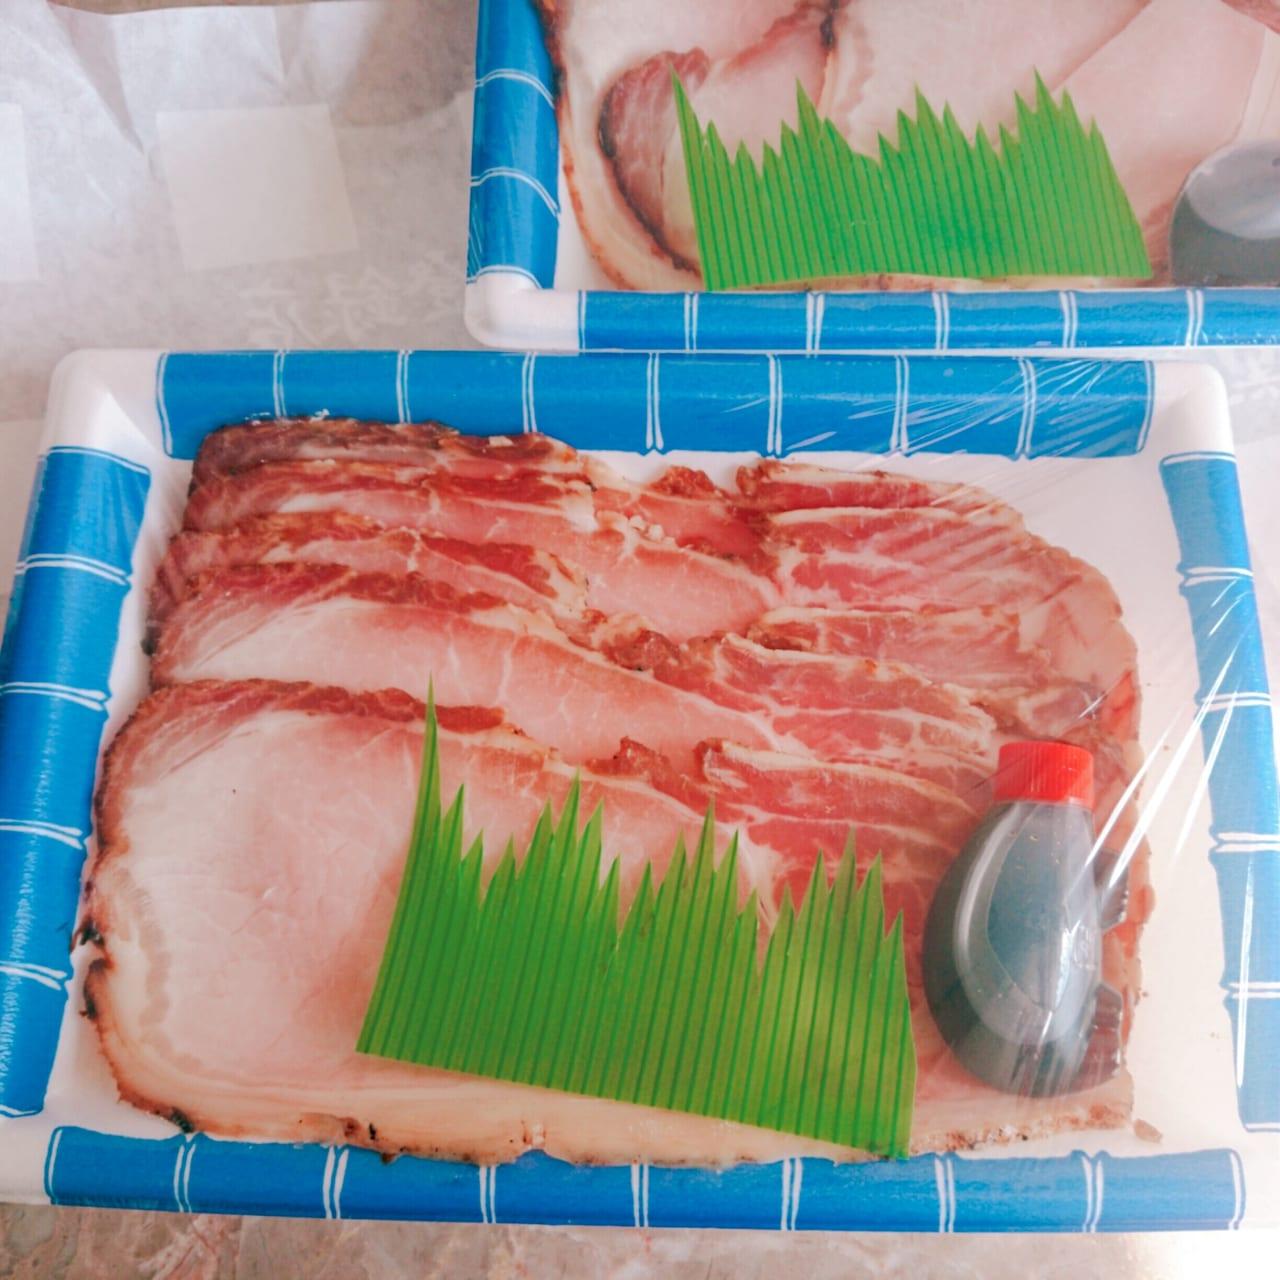 青と白のトレイに入った焼き豚とタレ